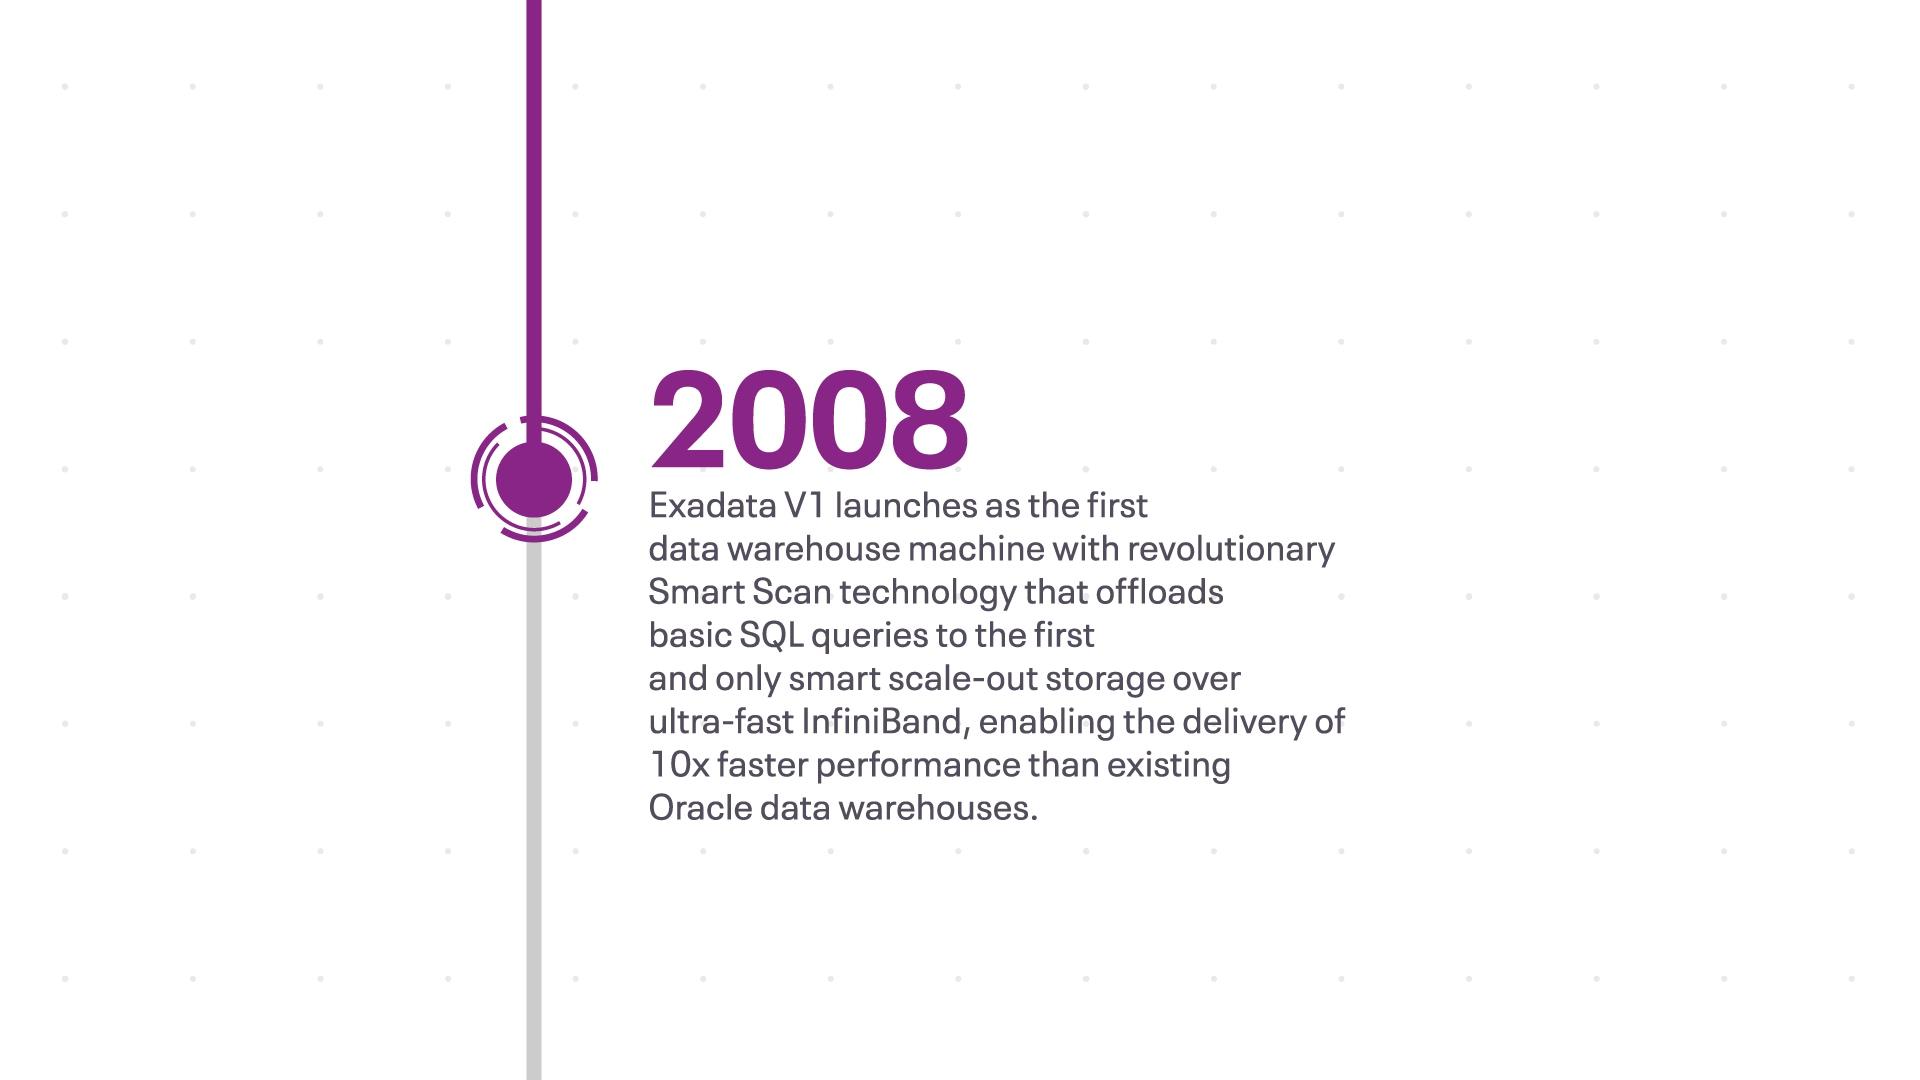 The_History_Of_Exadata